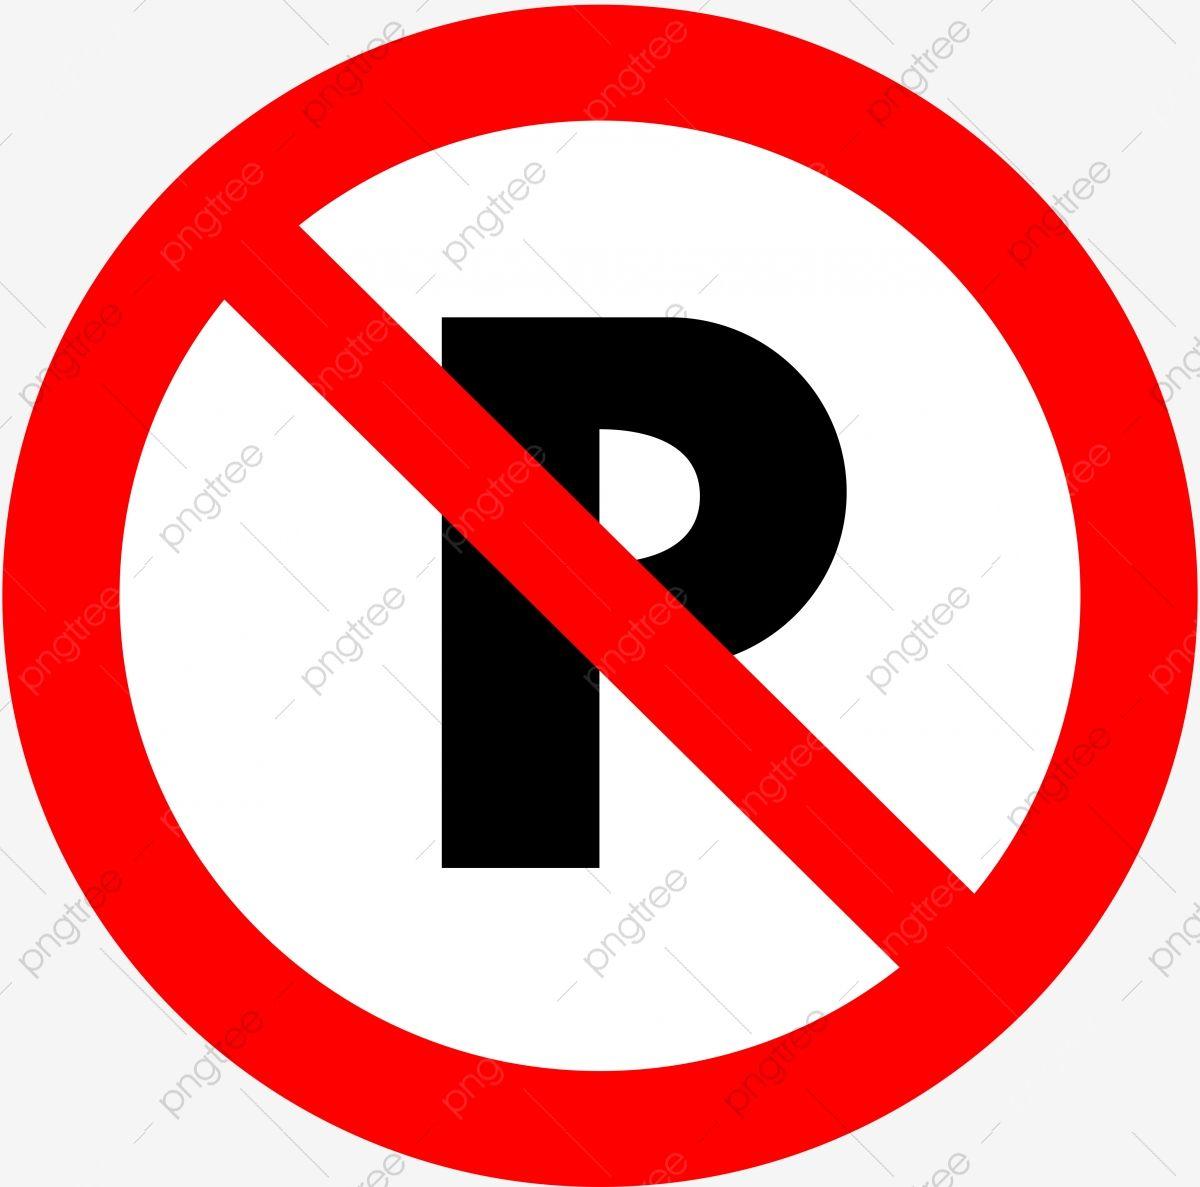 لا وقوف السيارات علامة محظورة علامة فنية لا توجد أيقونات تسجيل الرموز Png وملف Psd للتحميل مجانا Logo Concept Peace Symbol Concept